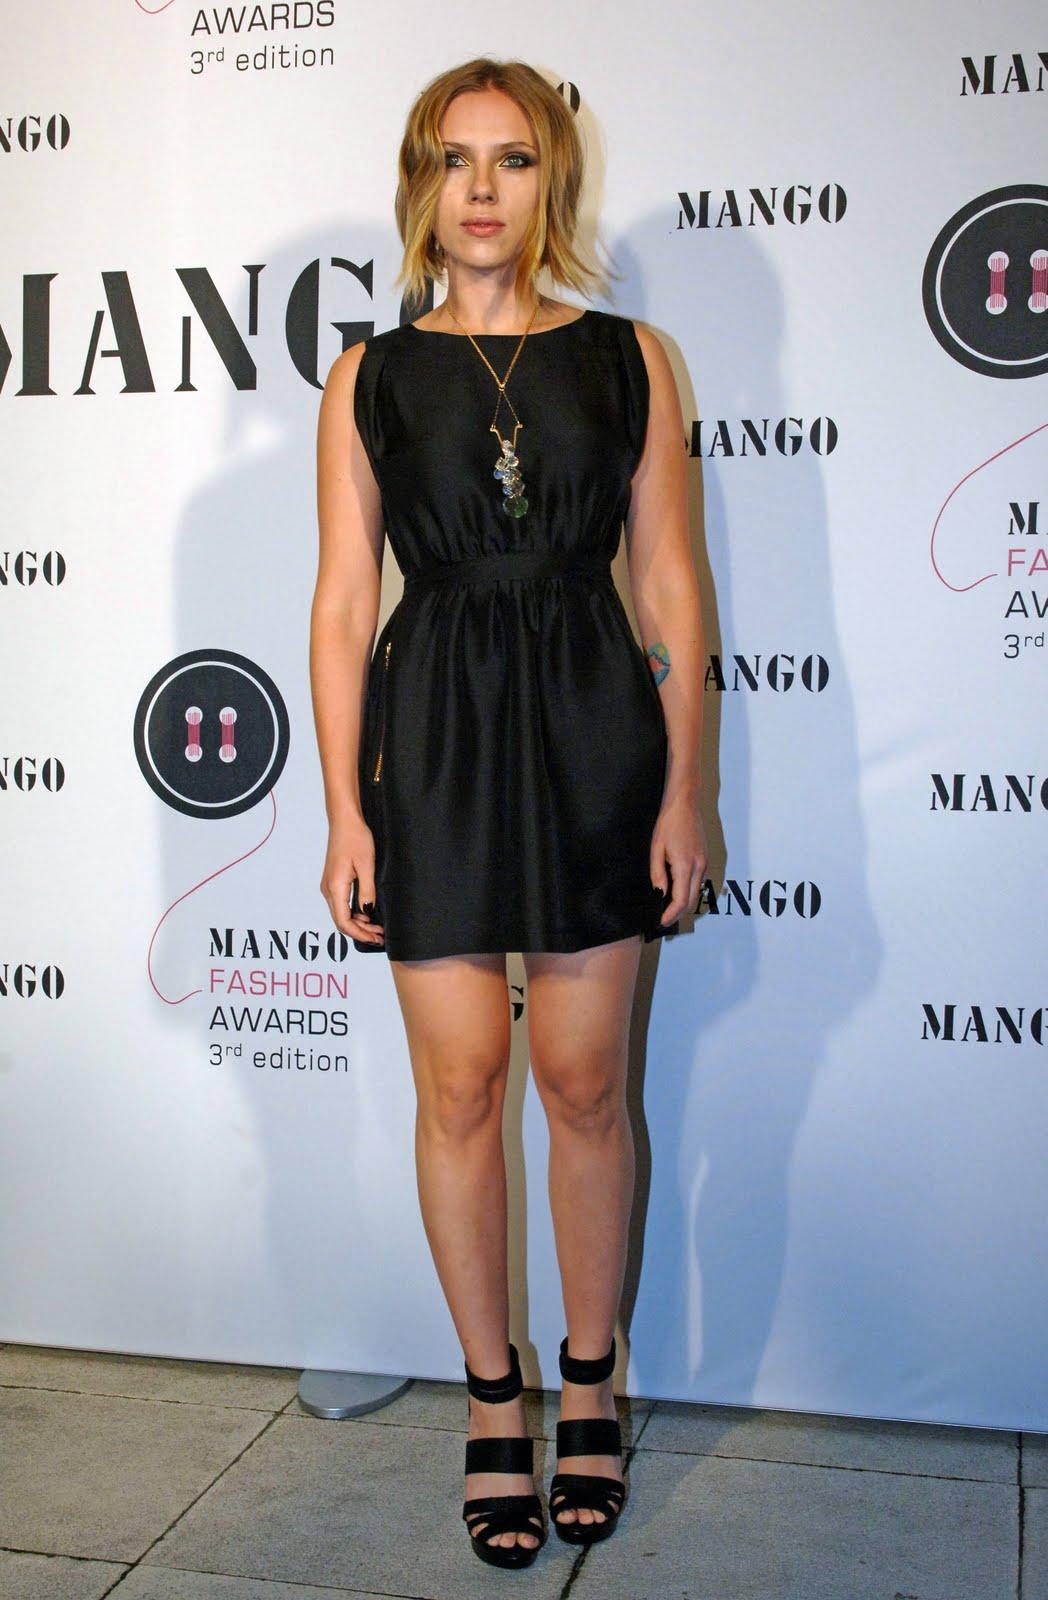 http://4.bp.blogspot.com/_pB39VNVB0Wk/TMHZ_z4FUHI/AAAAAAAAEp0/Nk9Xc-TtABQ/s1600/mango+fashion+awards+.jpg